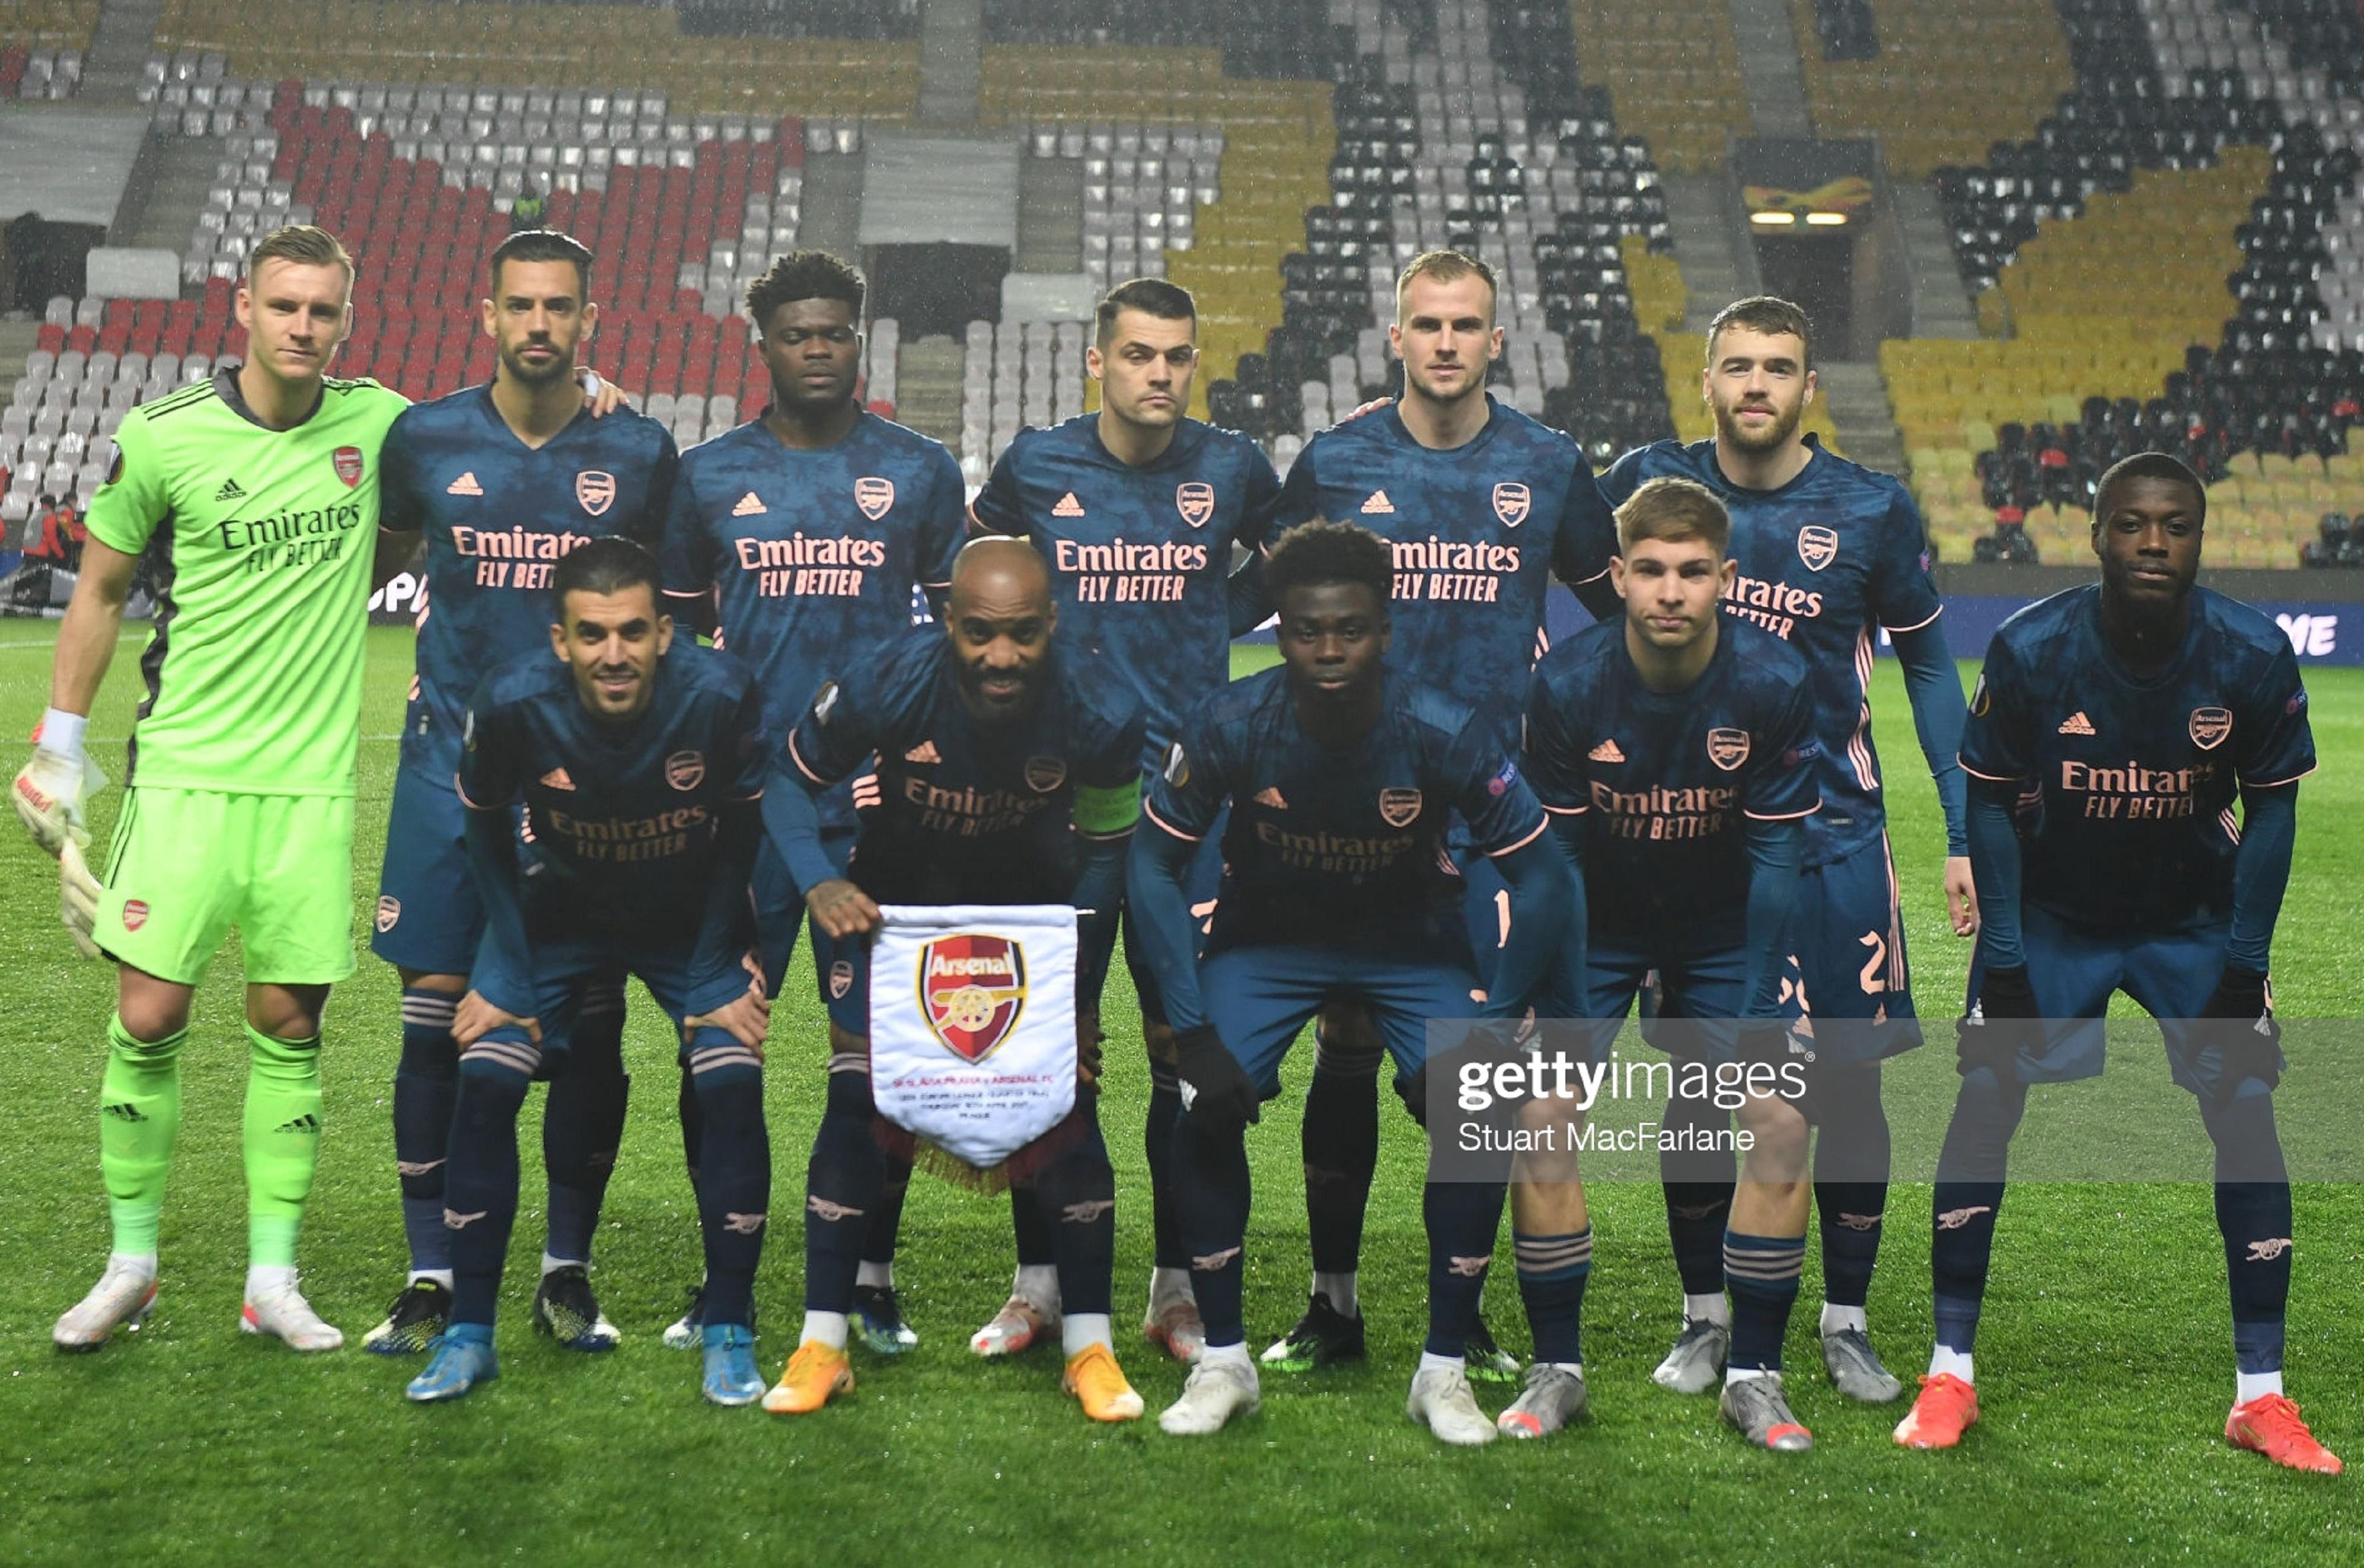 Славия (Чехия) - Арсенал (Англия) 0:4